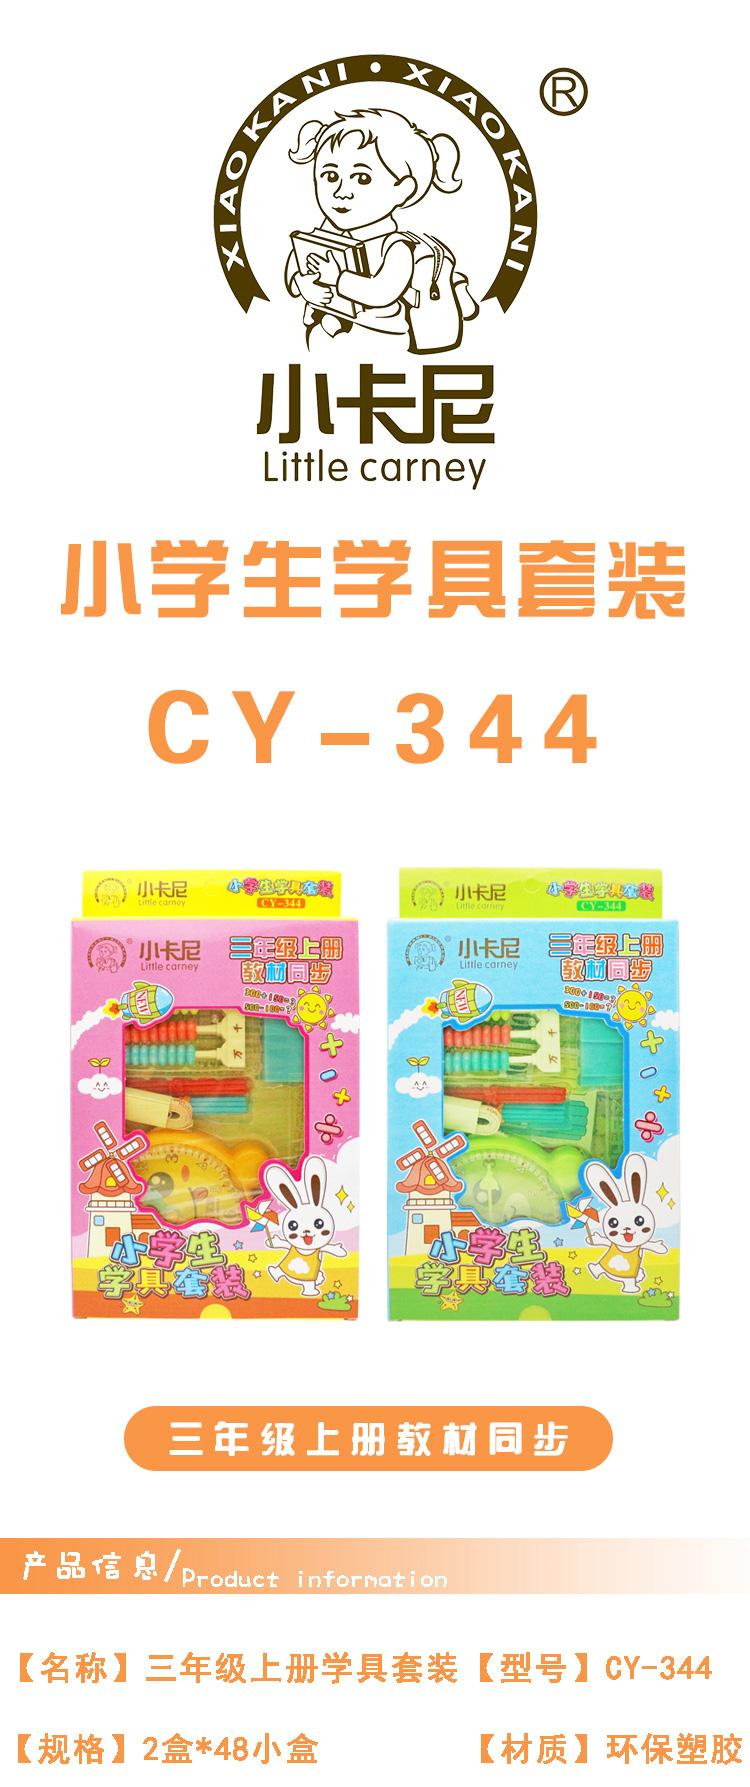 CY-344_01.jpg